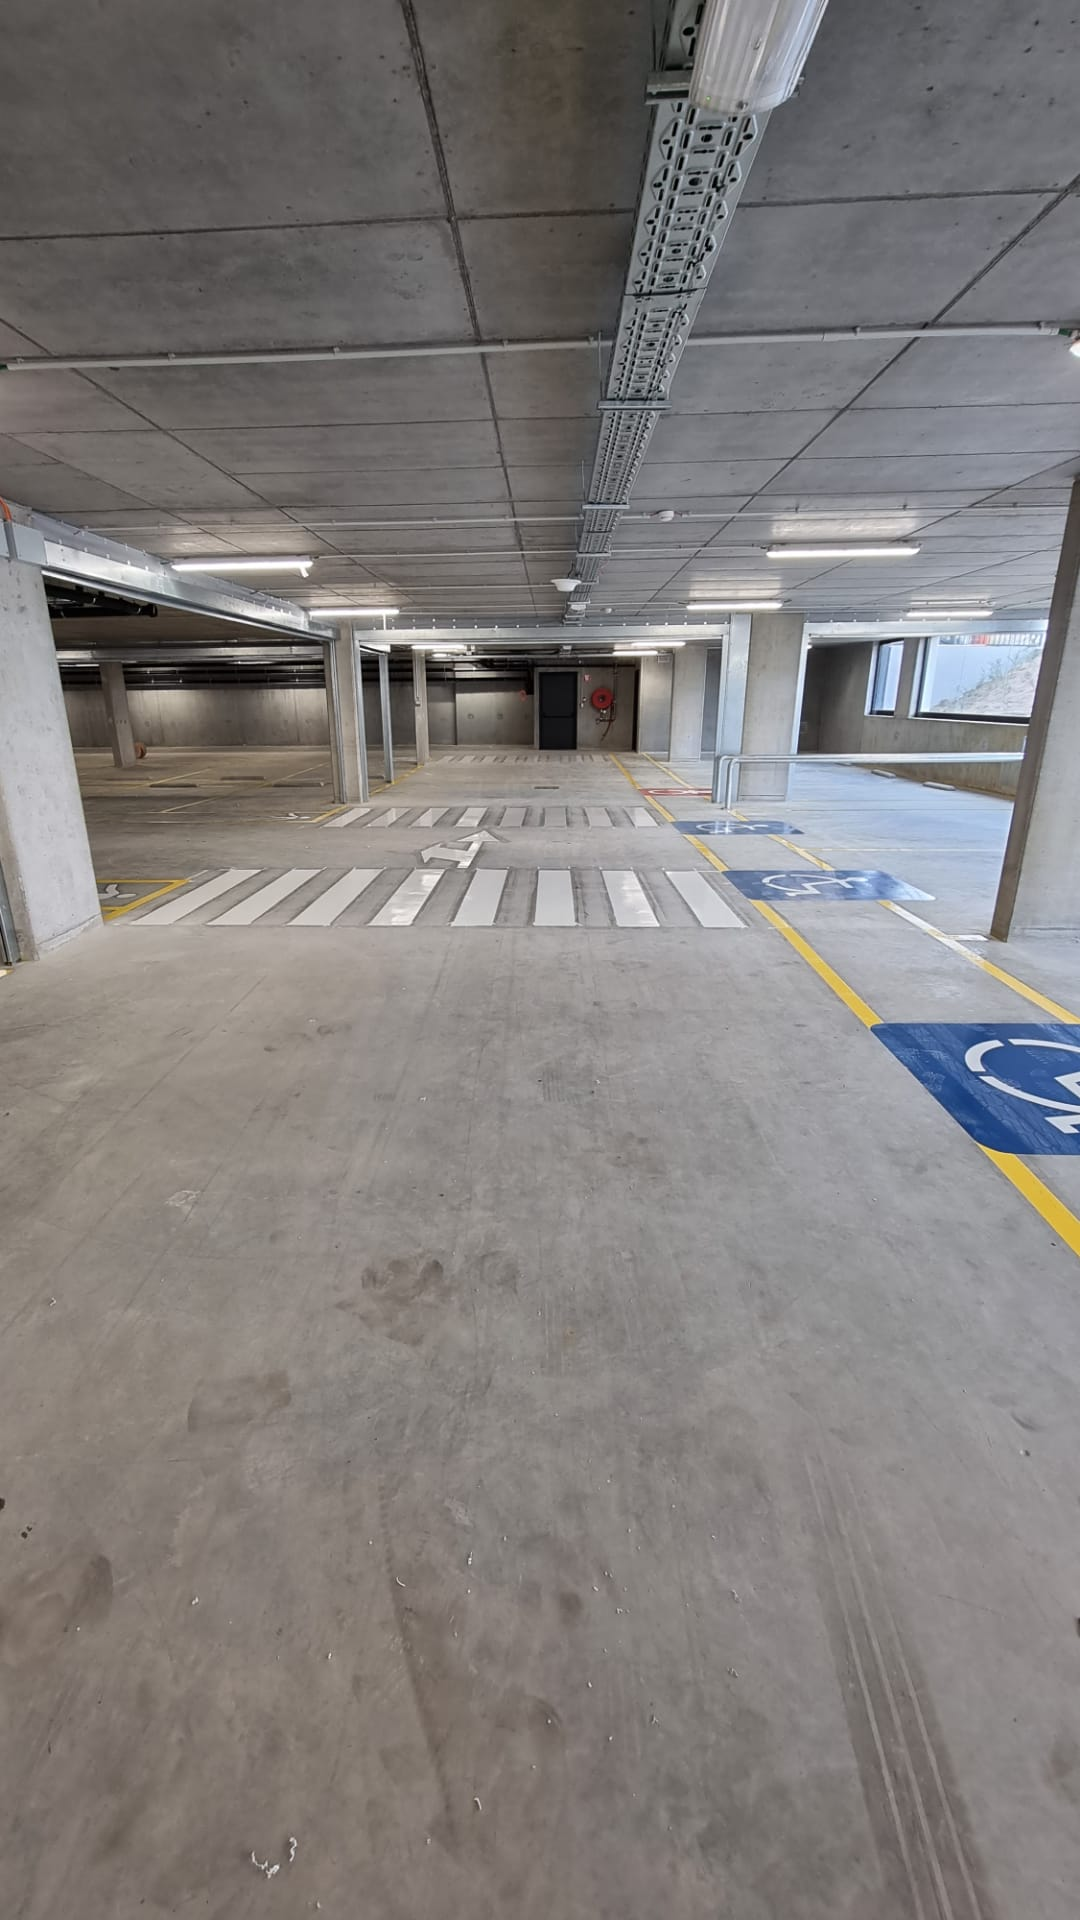 Binnenbelijning ondergrondse parking delhaize Aalst, belijning van parkeerplaatsen, wandelpaden, fietspaden, symbolen en pictogrammen en verkeersplan door Remotec